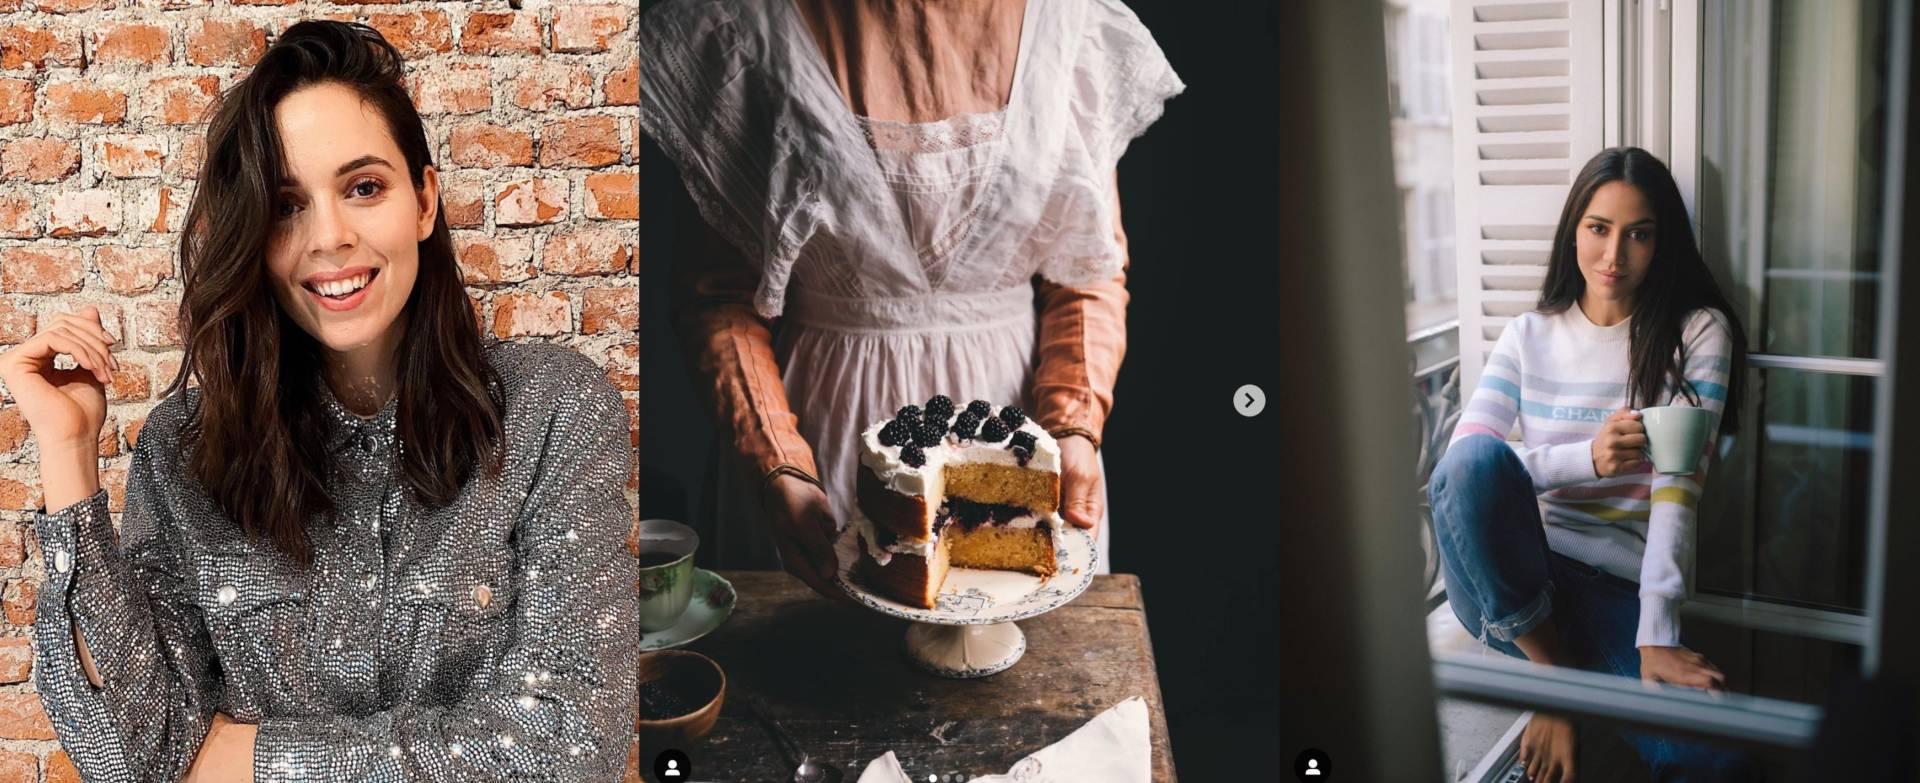 I migliori profili Instagram Reels a cui ispirarsi